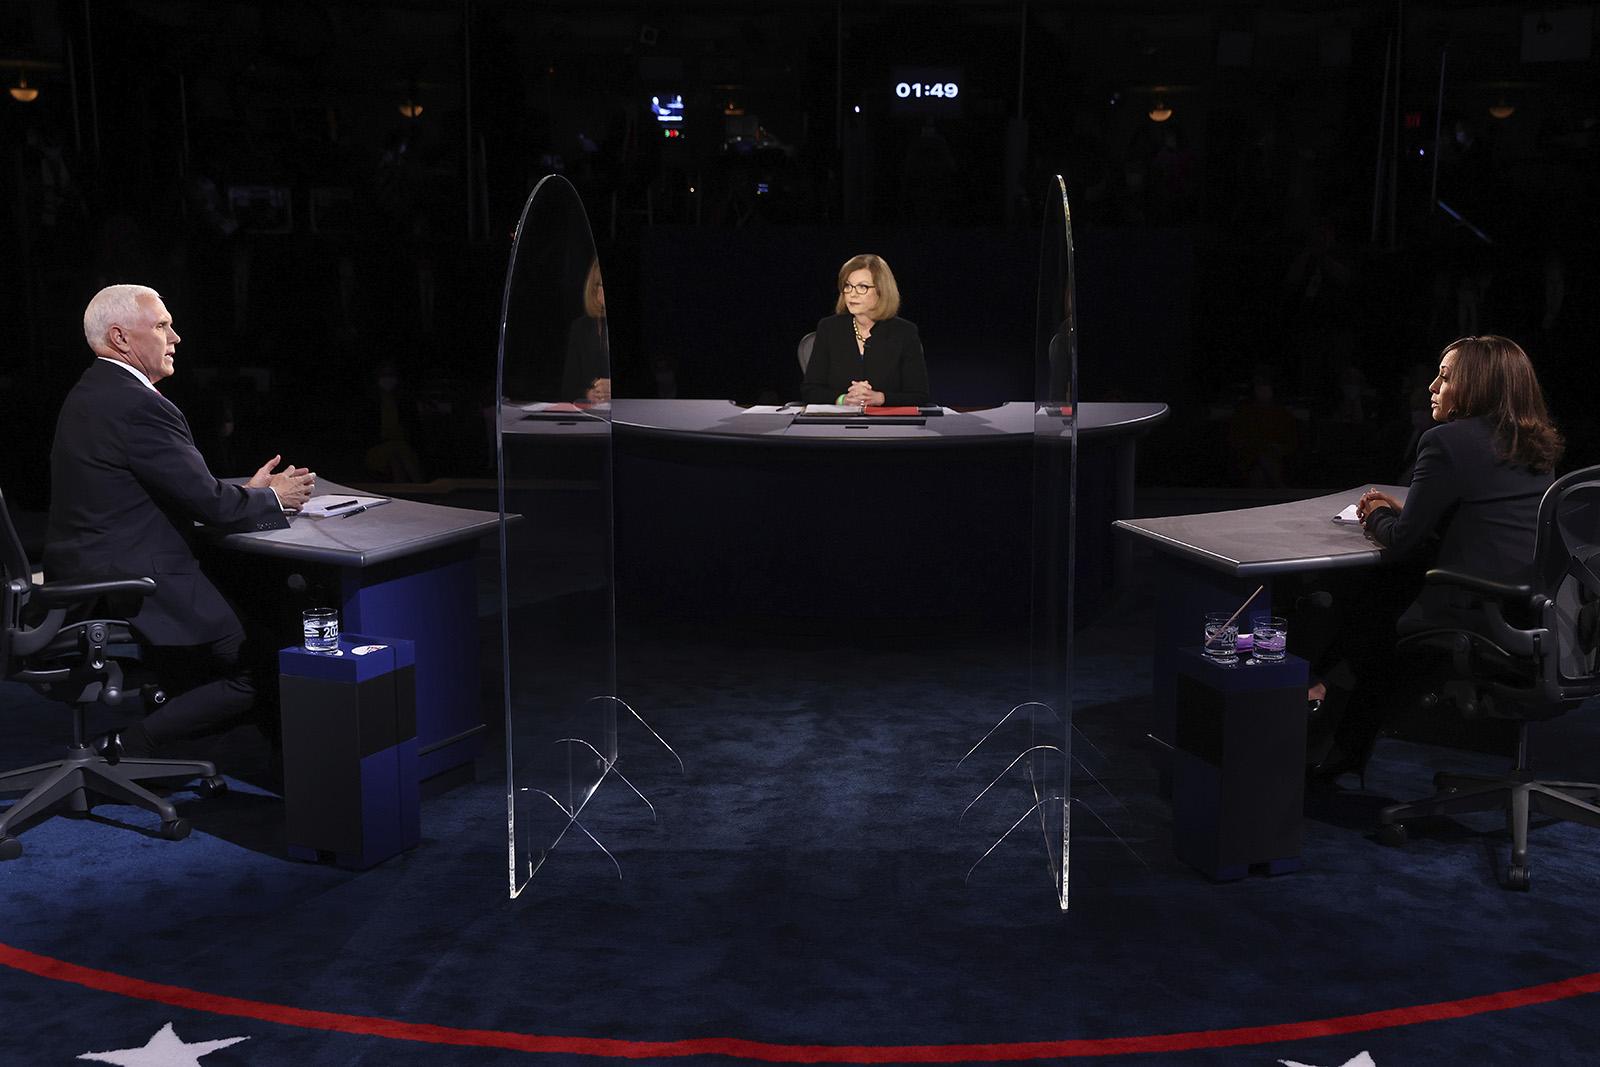 美副总统候选人隔3.6米辩论 中间竖巨大玻璃板